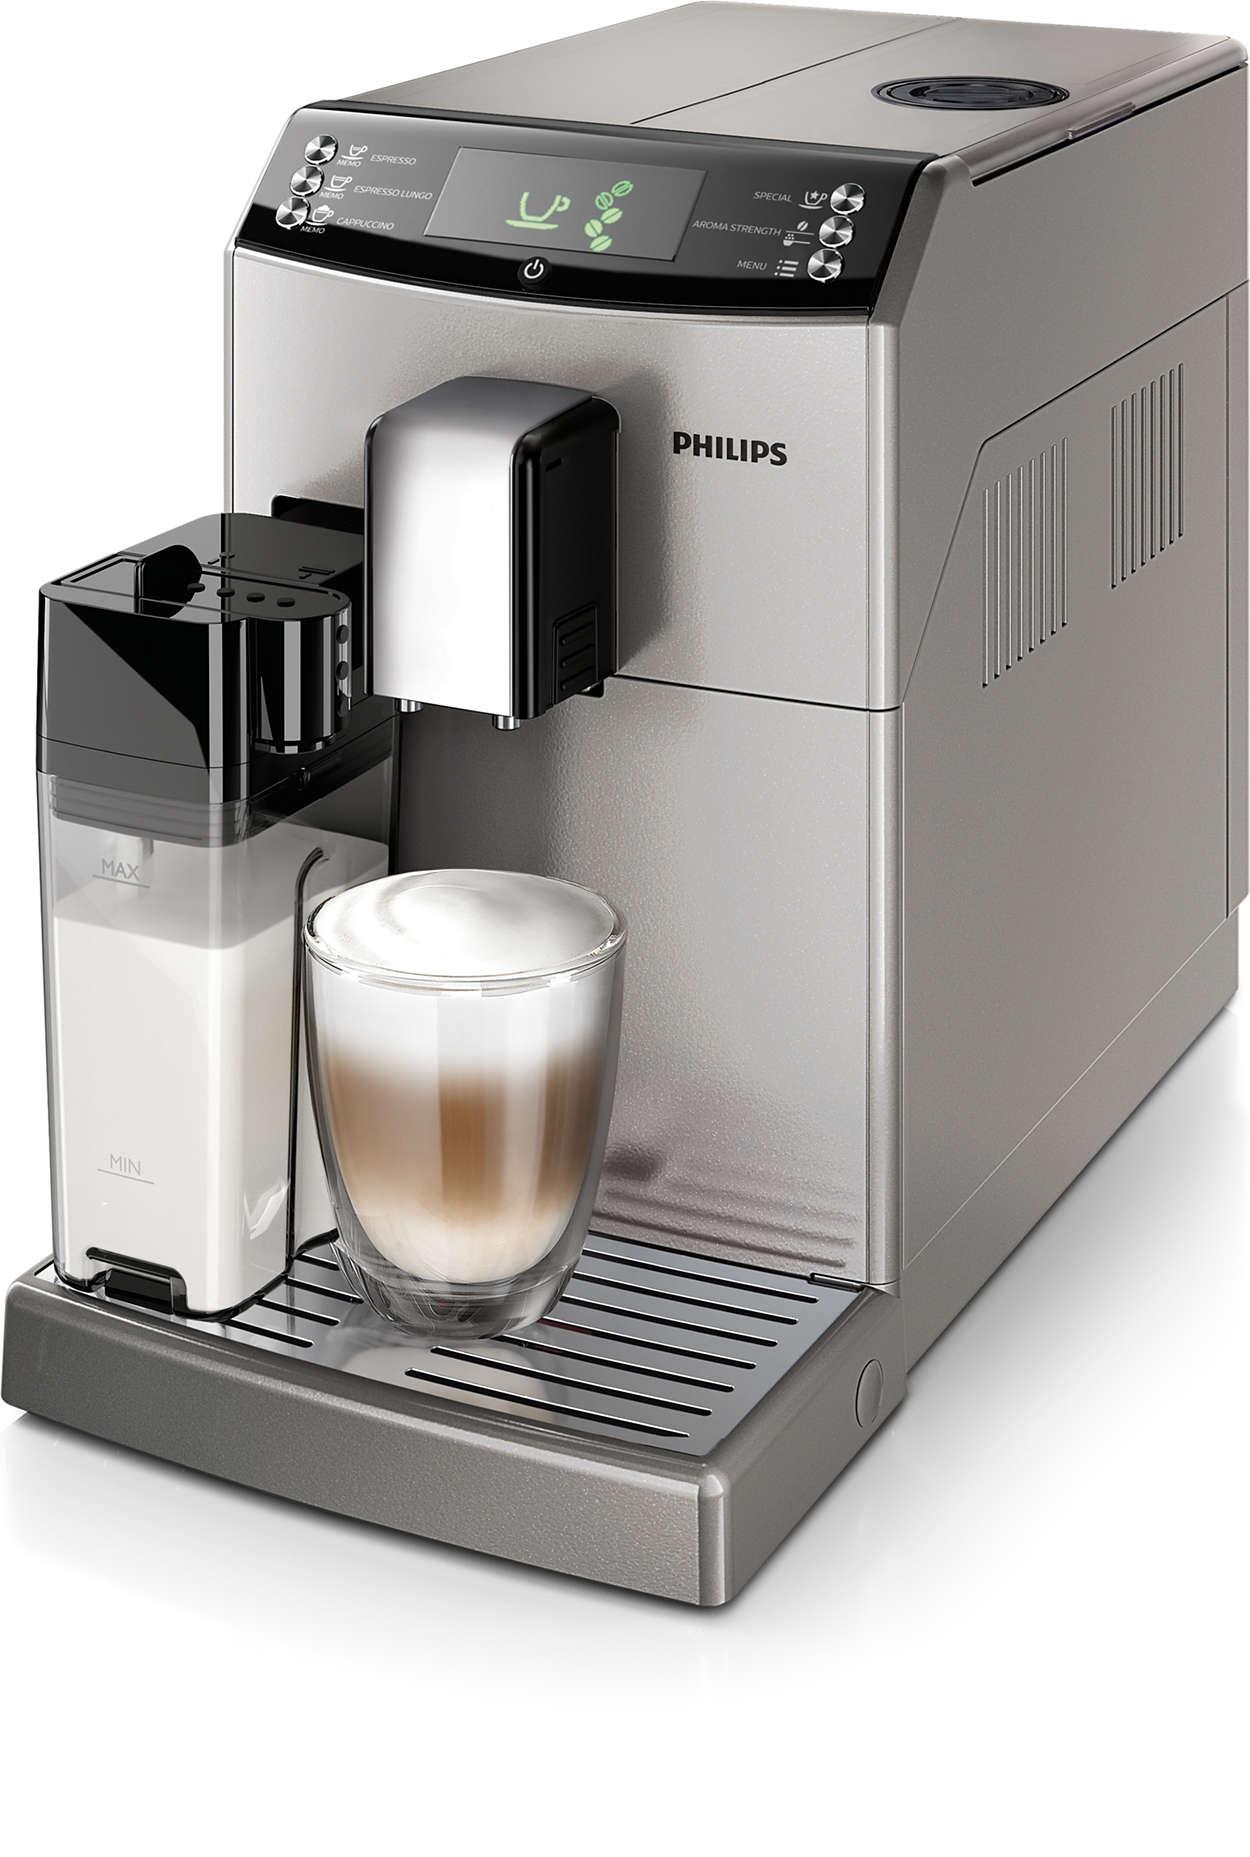 Espresso a kapučíno jedným dotykom apresne podľa vašich predstáv